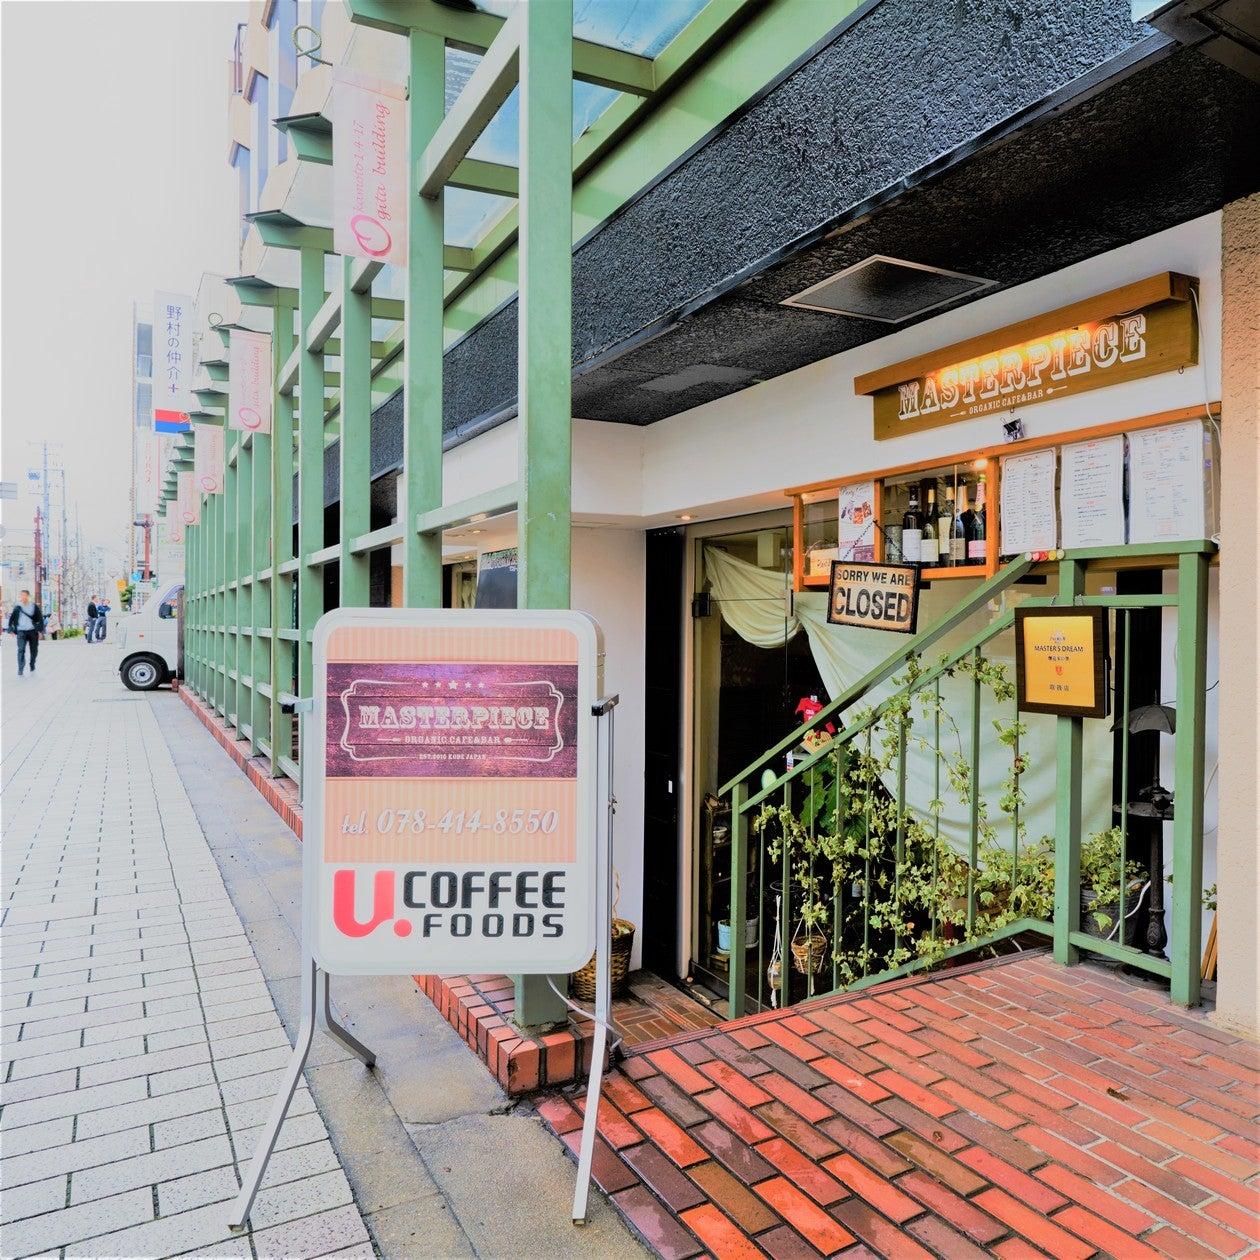 【岡本・摂津本山駅近】広めでお洒落なカフェスペースです♪(MASTERPIECE -Organic Cafe&Bar-) の写真0